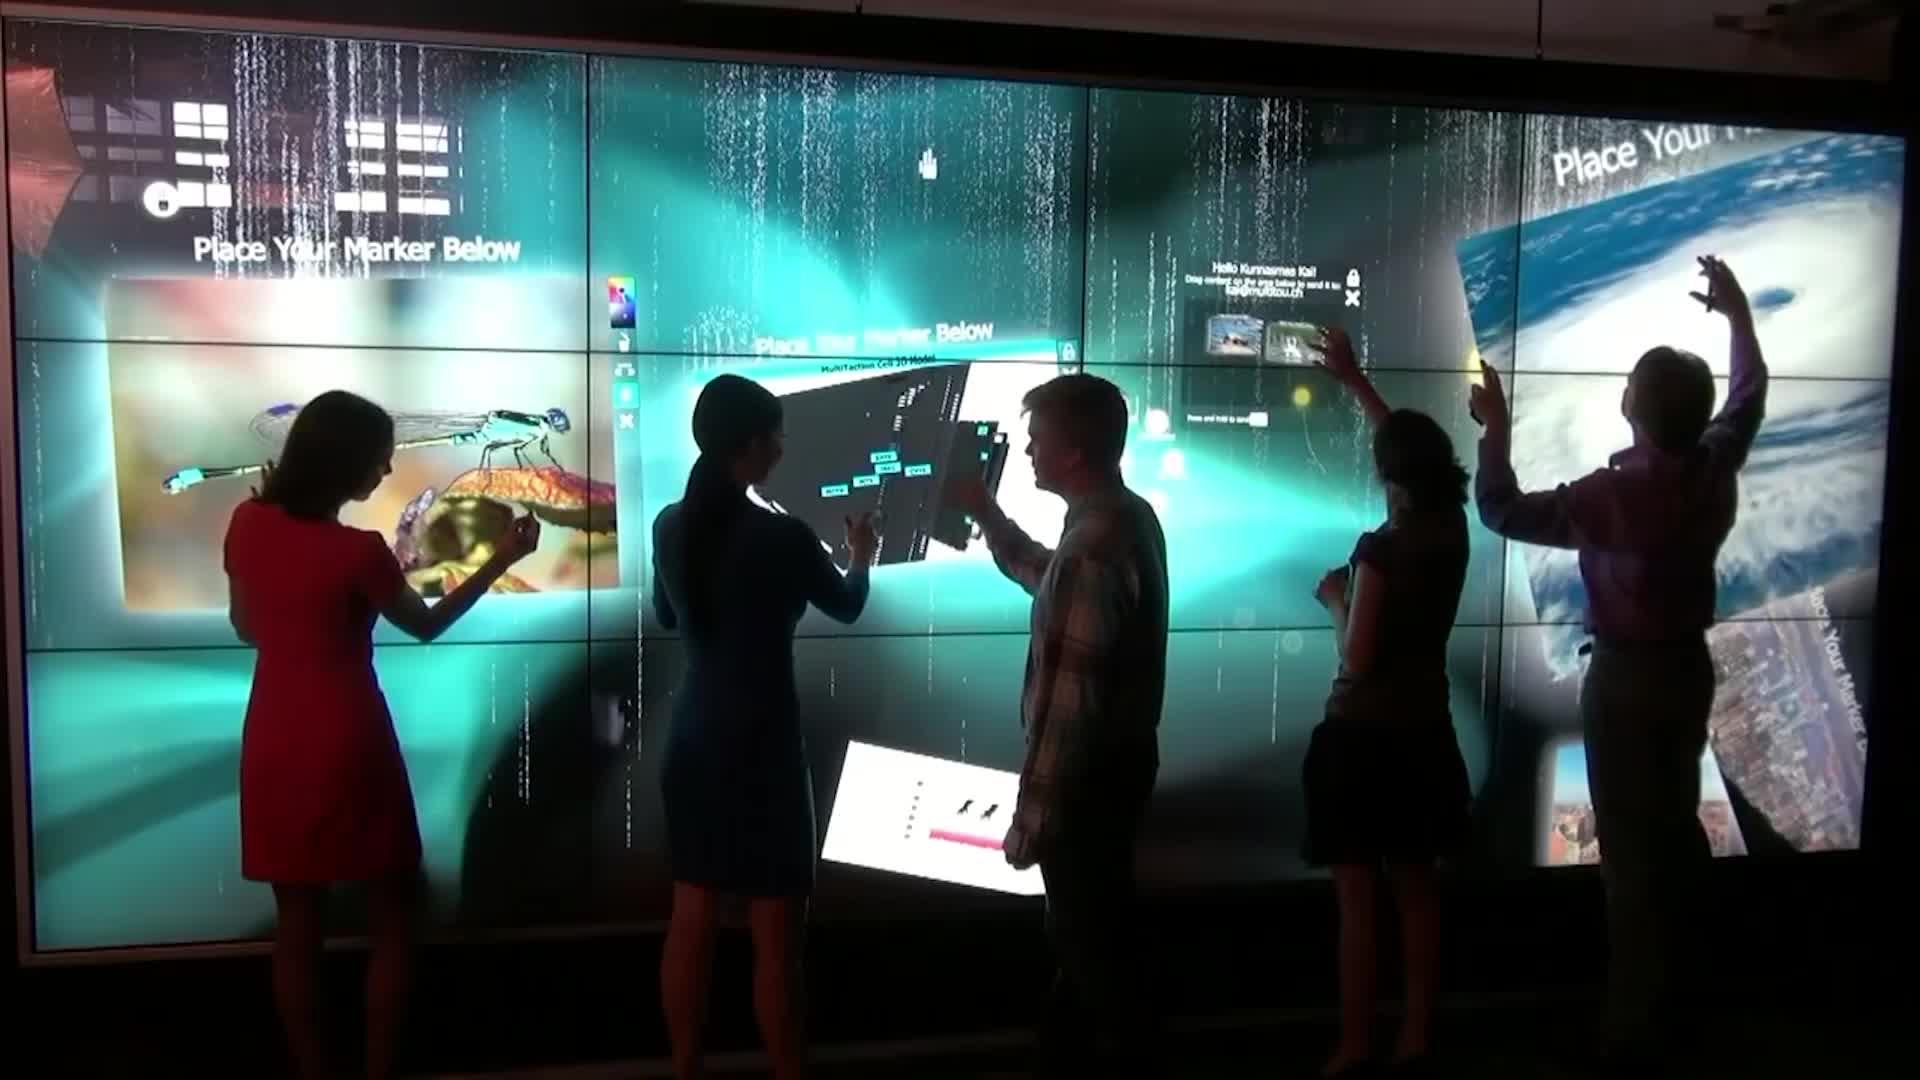 互动多媒体_多媒体互动_多媒体互动程制作_多媒体互动展厅-深圳炫之风